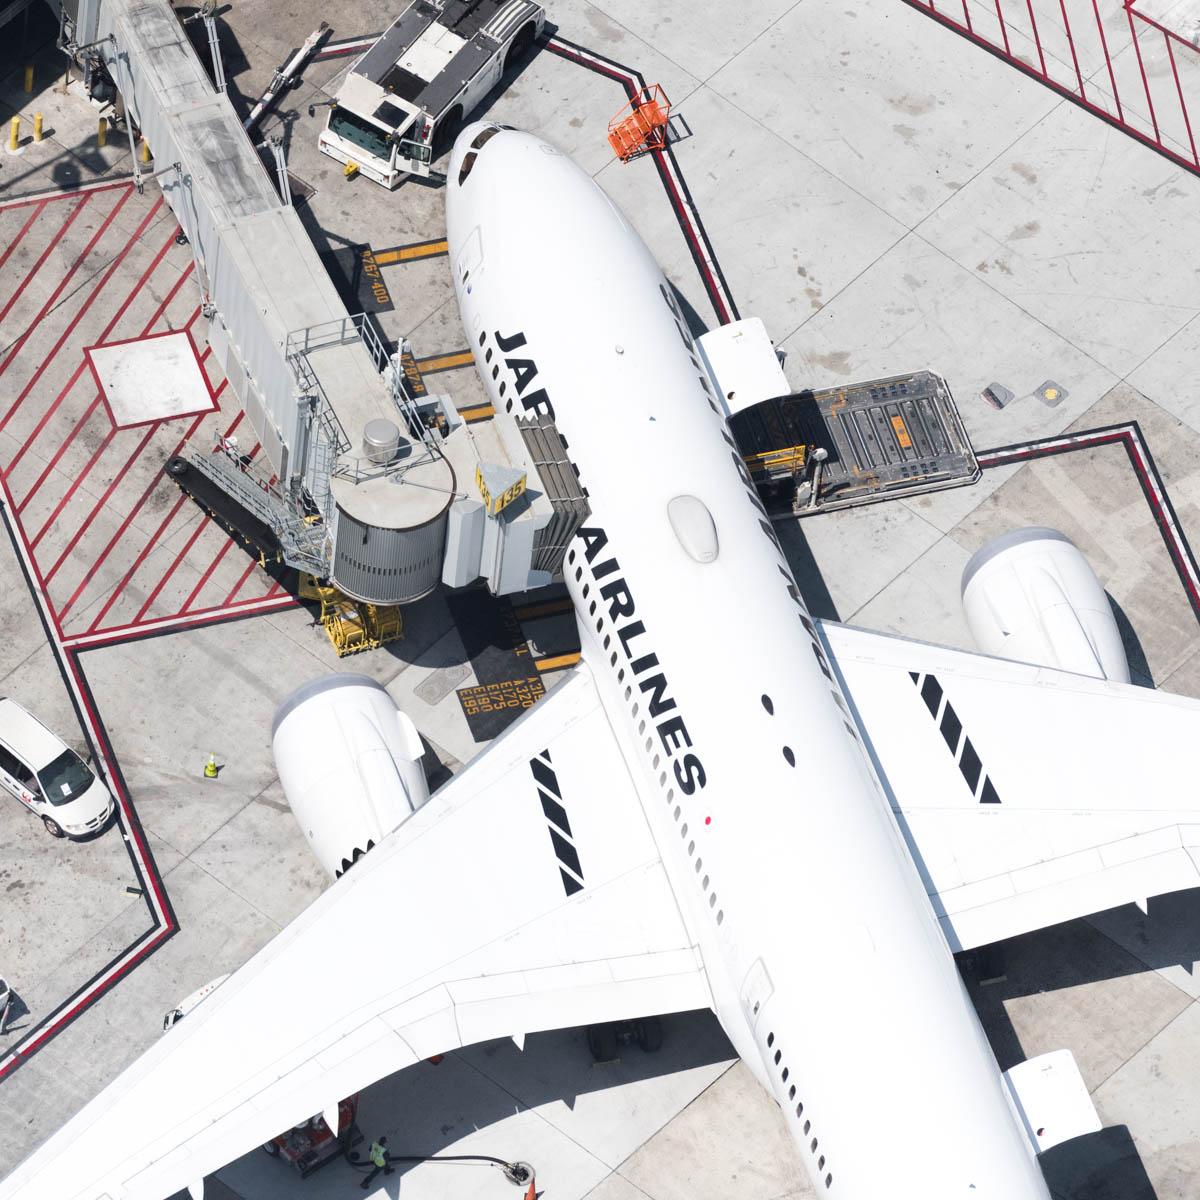 jal 787 loading (1 of 1).jpg